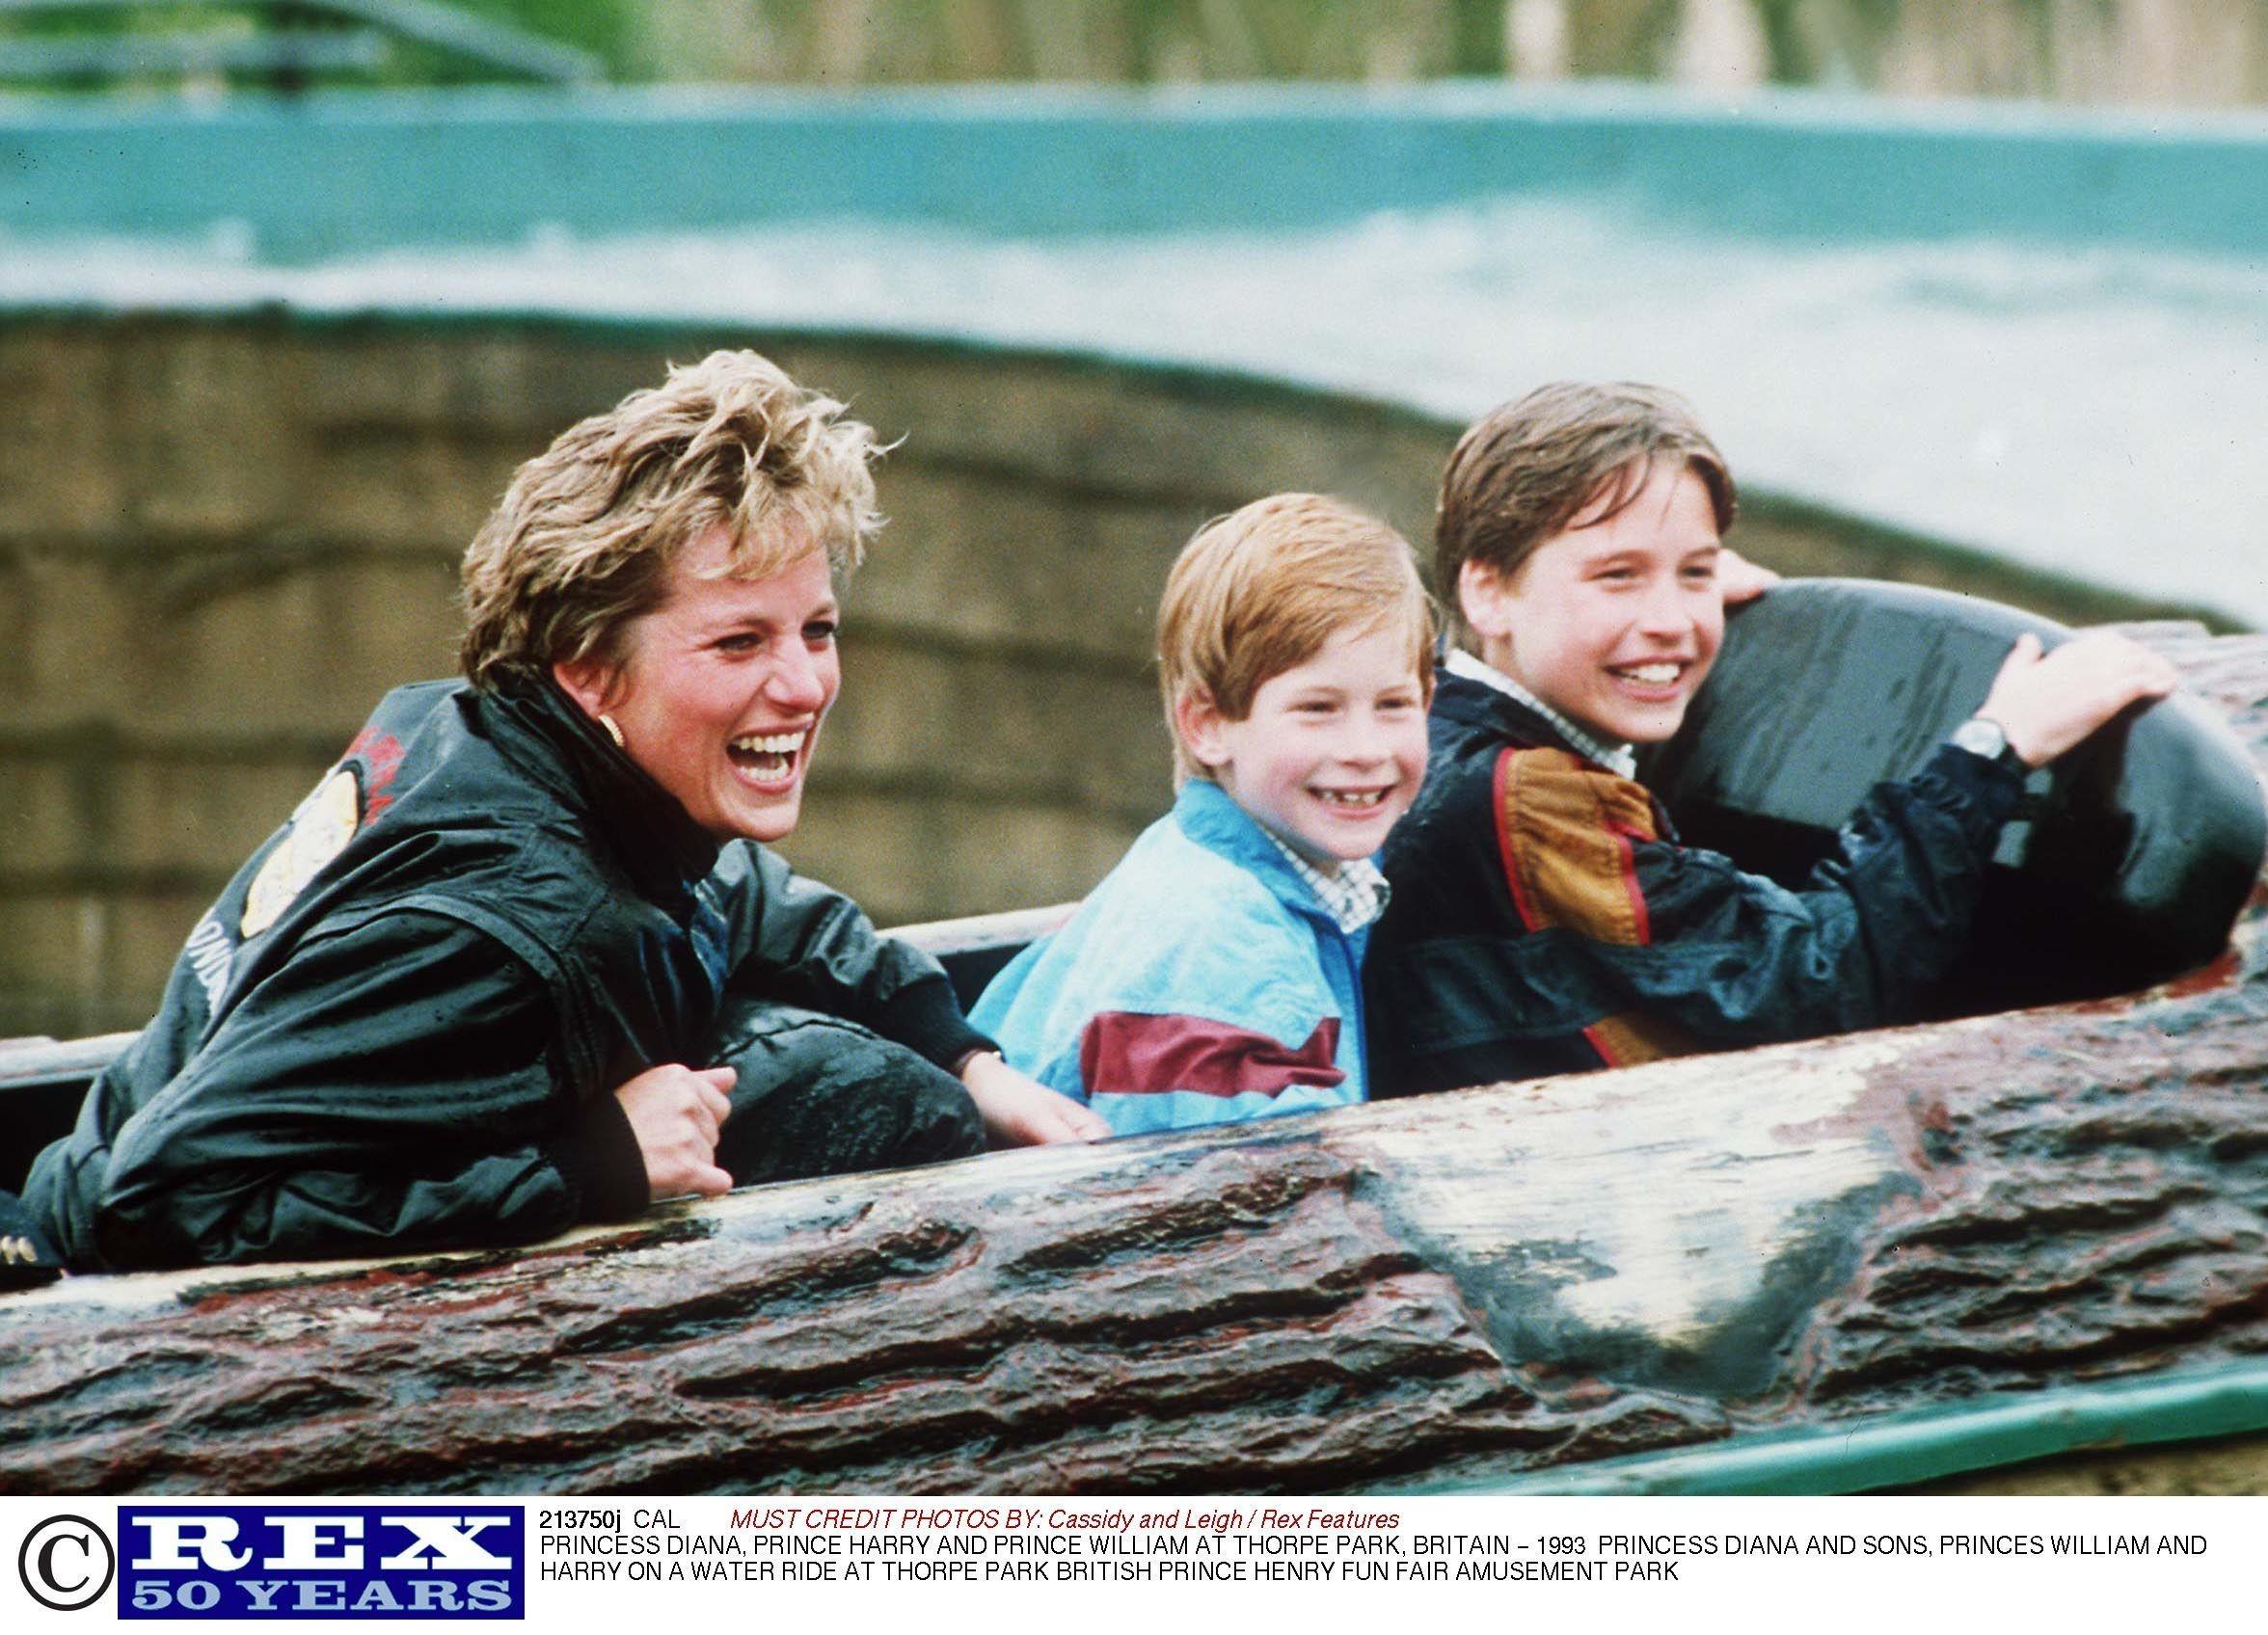 Księżna Diana, książę Harry i książę William w Thorpe Park, 1993 r.  (fot. Eastnews)